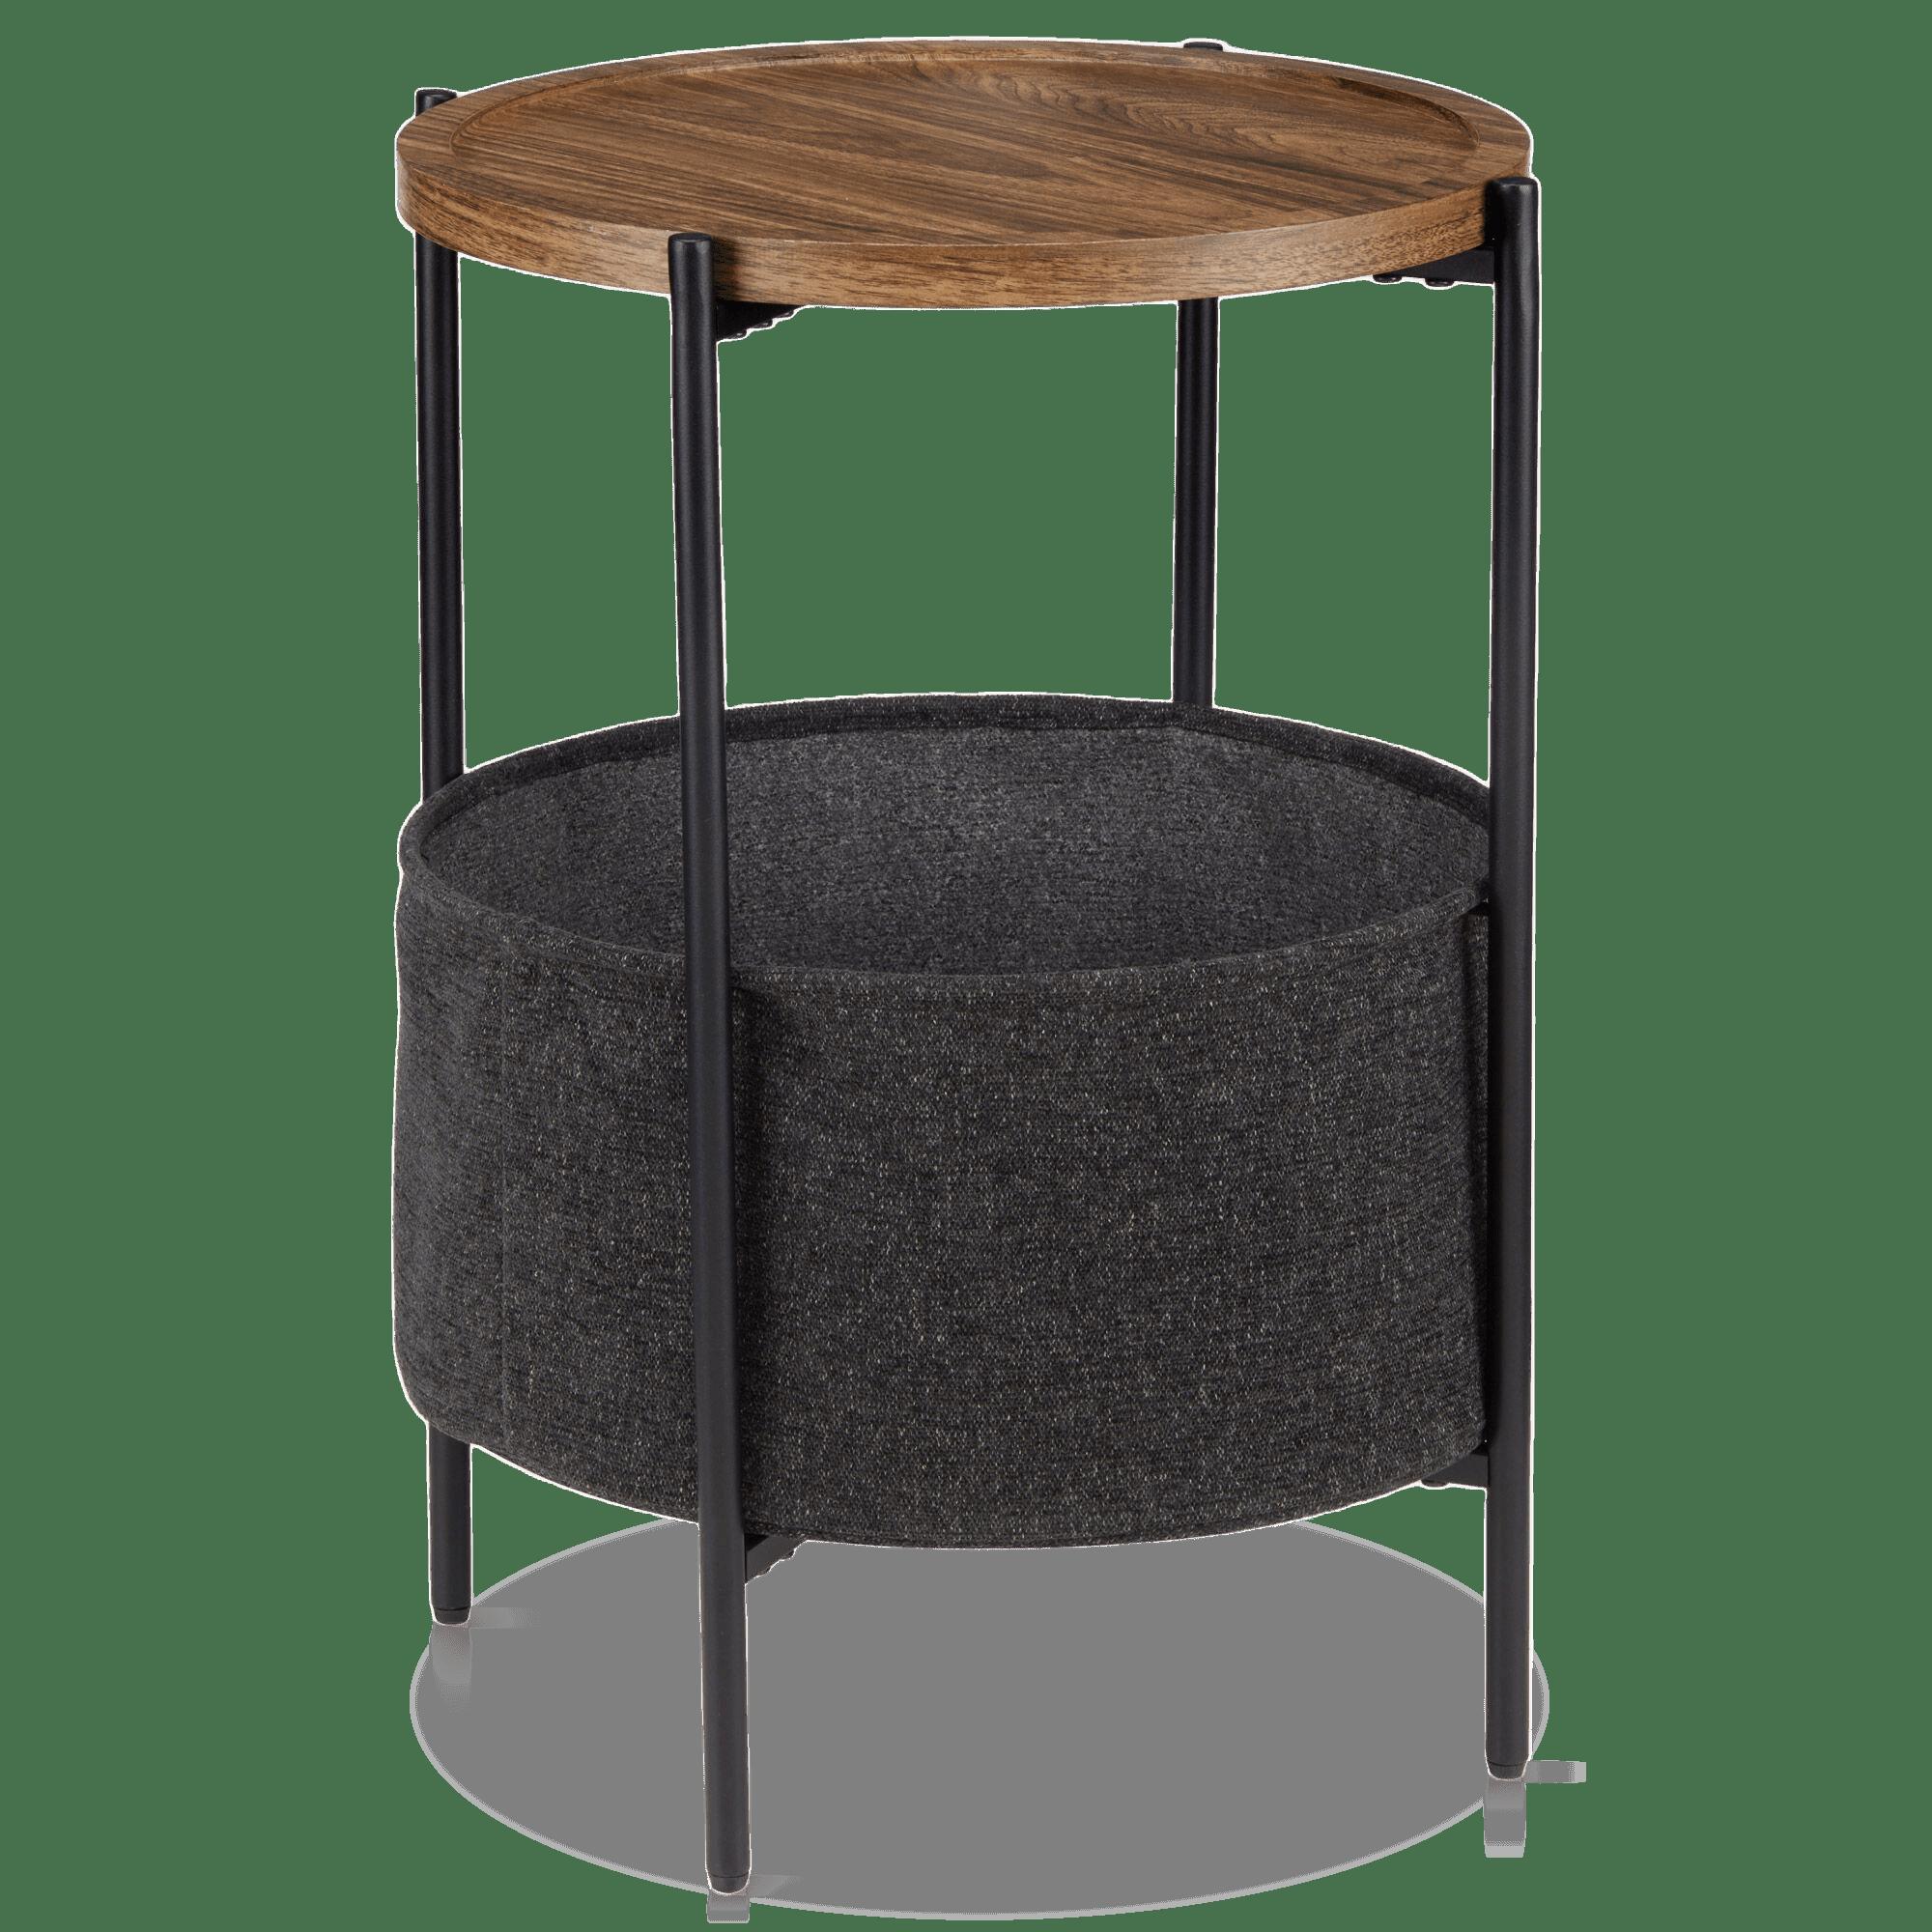 Walnut Side Table with Bottom Storage